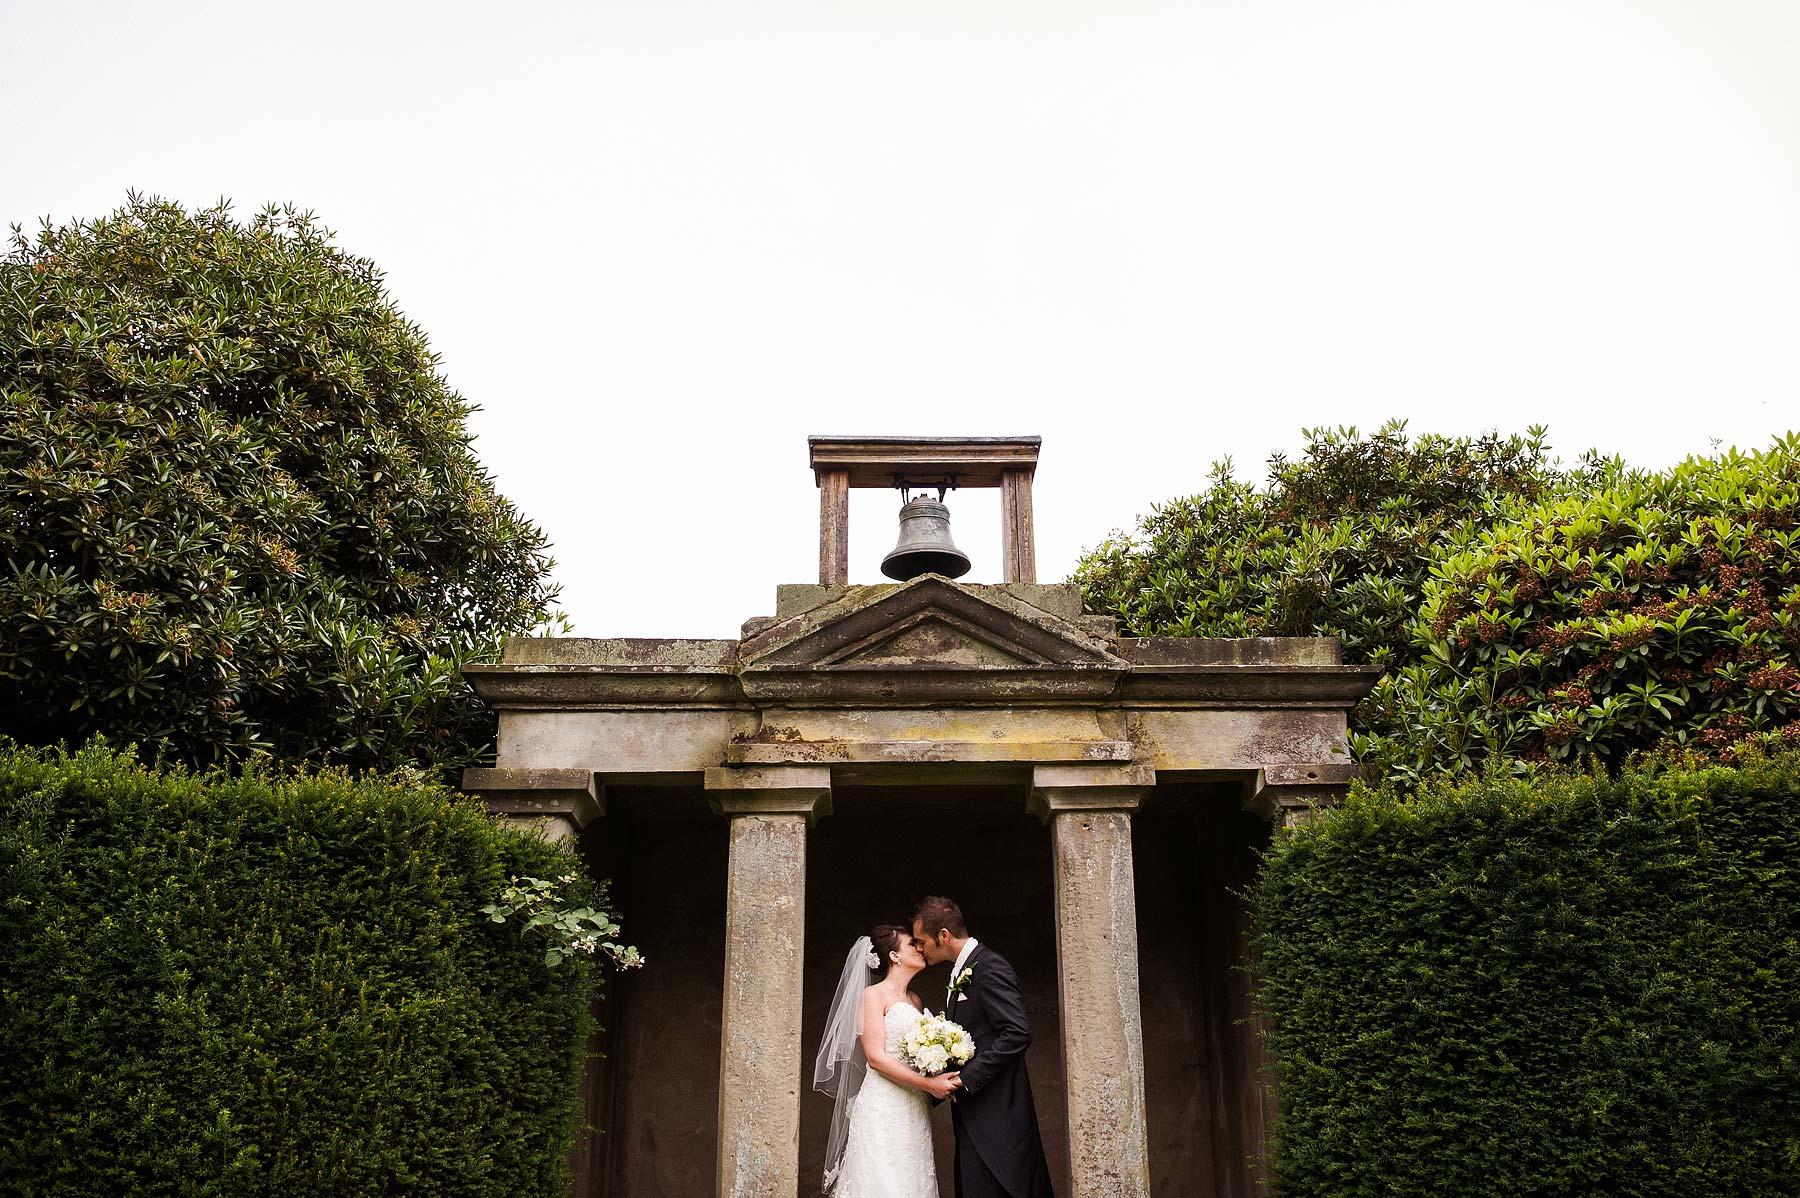 sandon-hall-wedding-photographer-017